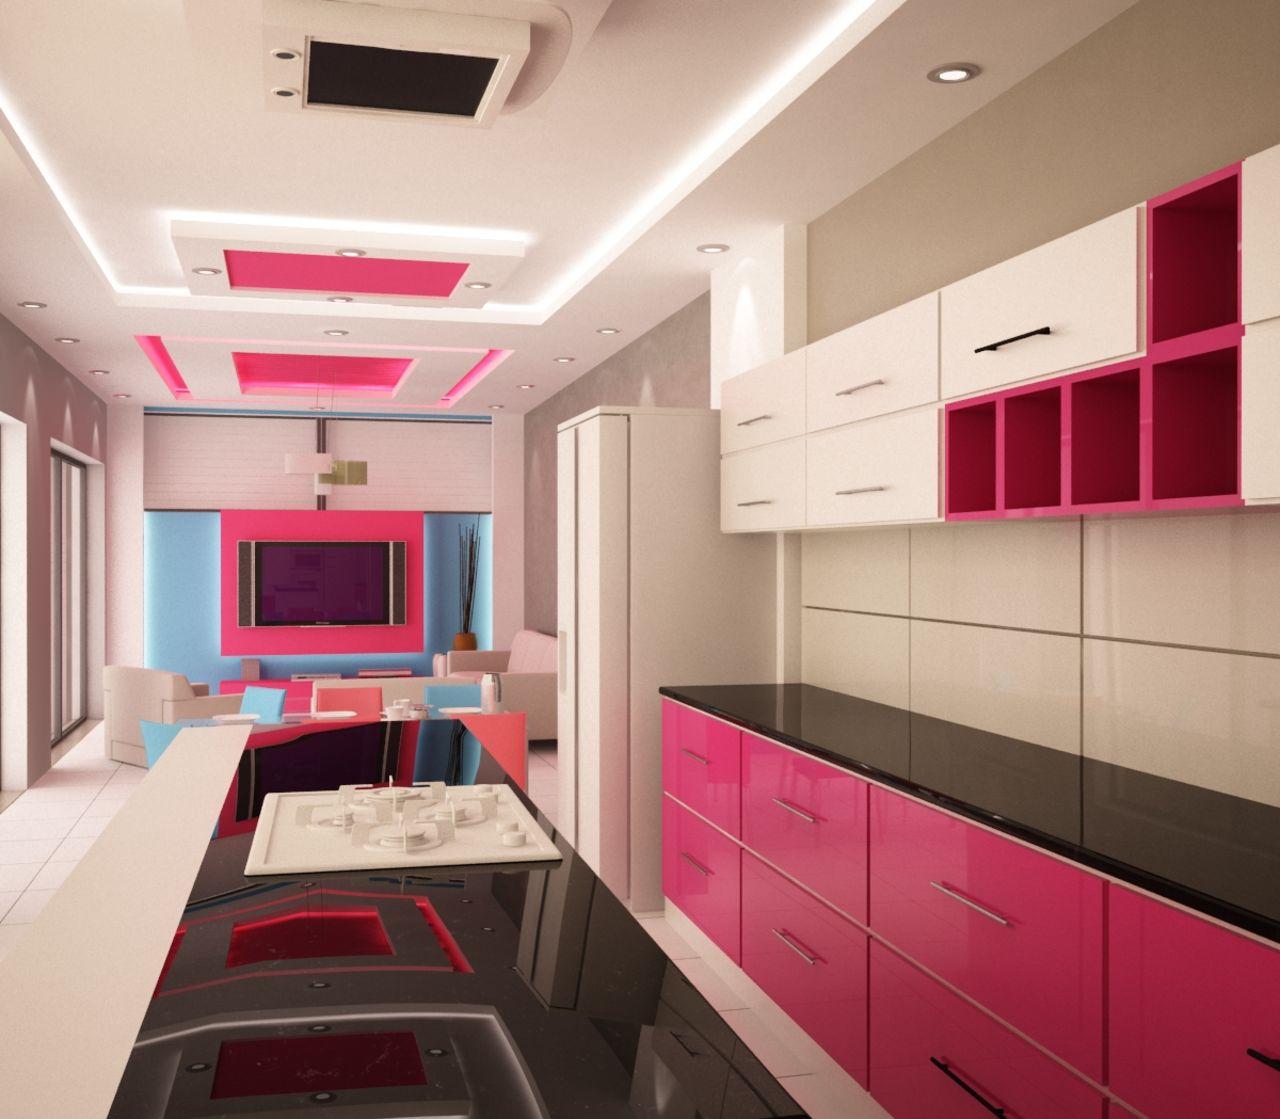 Bicha Marouen architecte 5